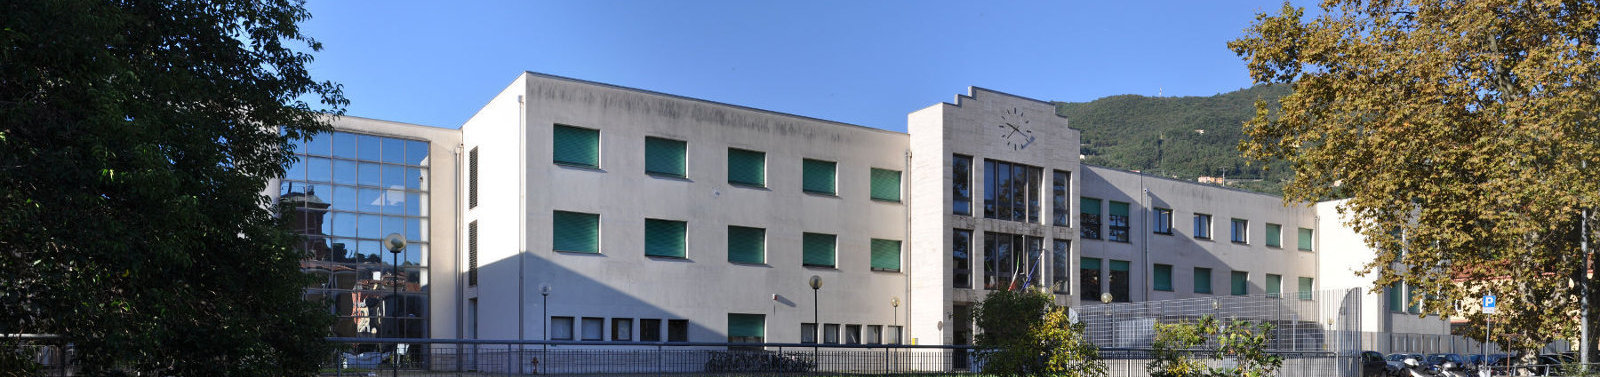 Home - Liceo Scientifico